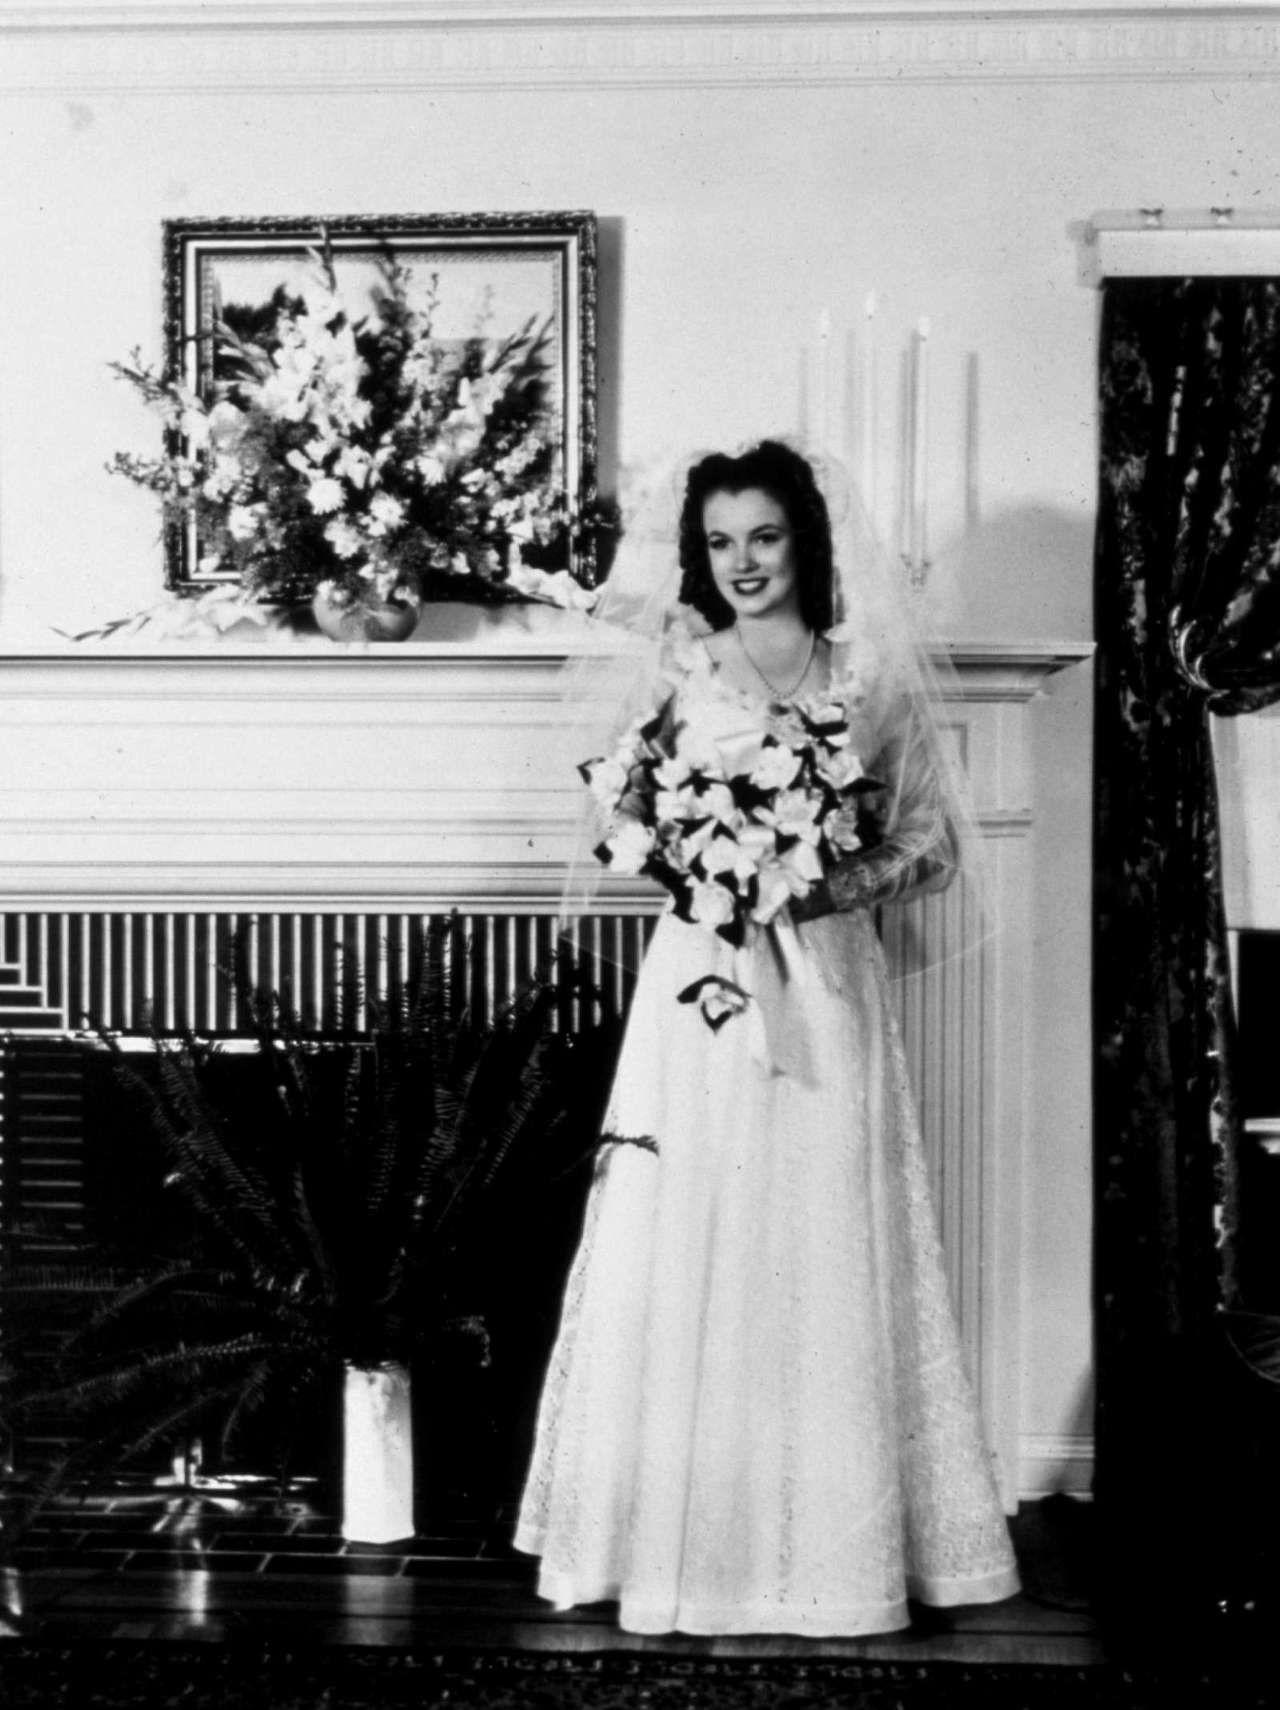 váy cưới tối giản marilyn monroe